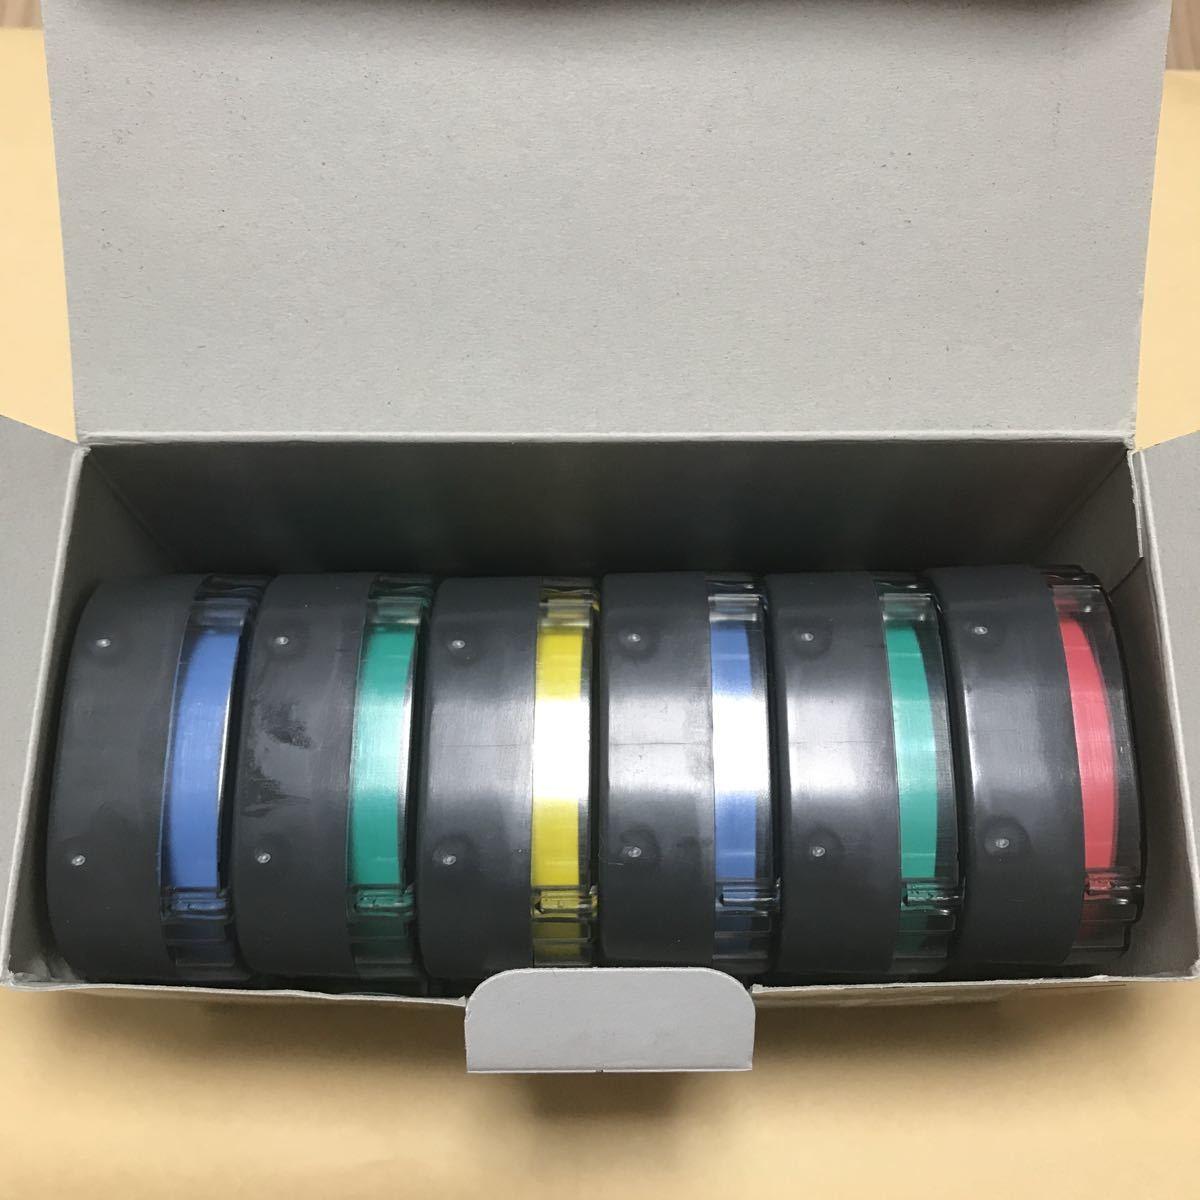 新品 未使用 テプラ 12mm 7個 セット まとめて TEPRA キングジム PRO 透明 大量 青 黄色 緑 赤_画像3